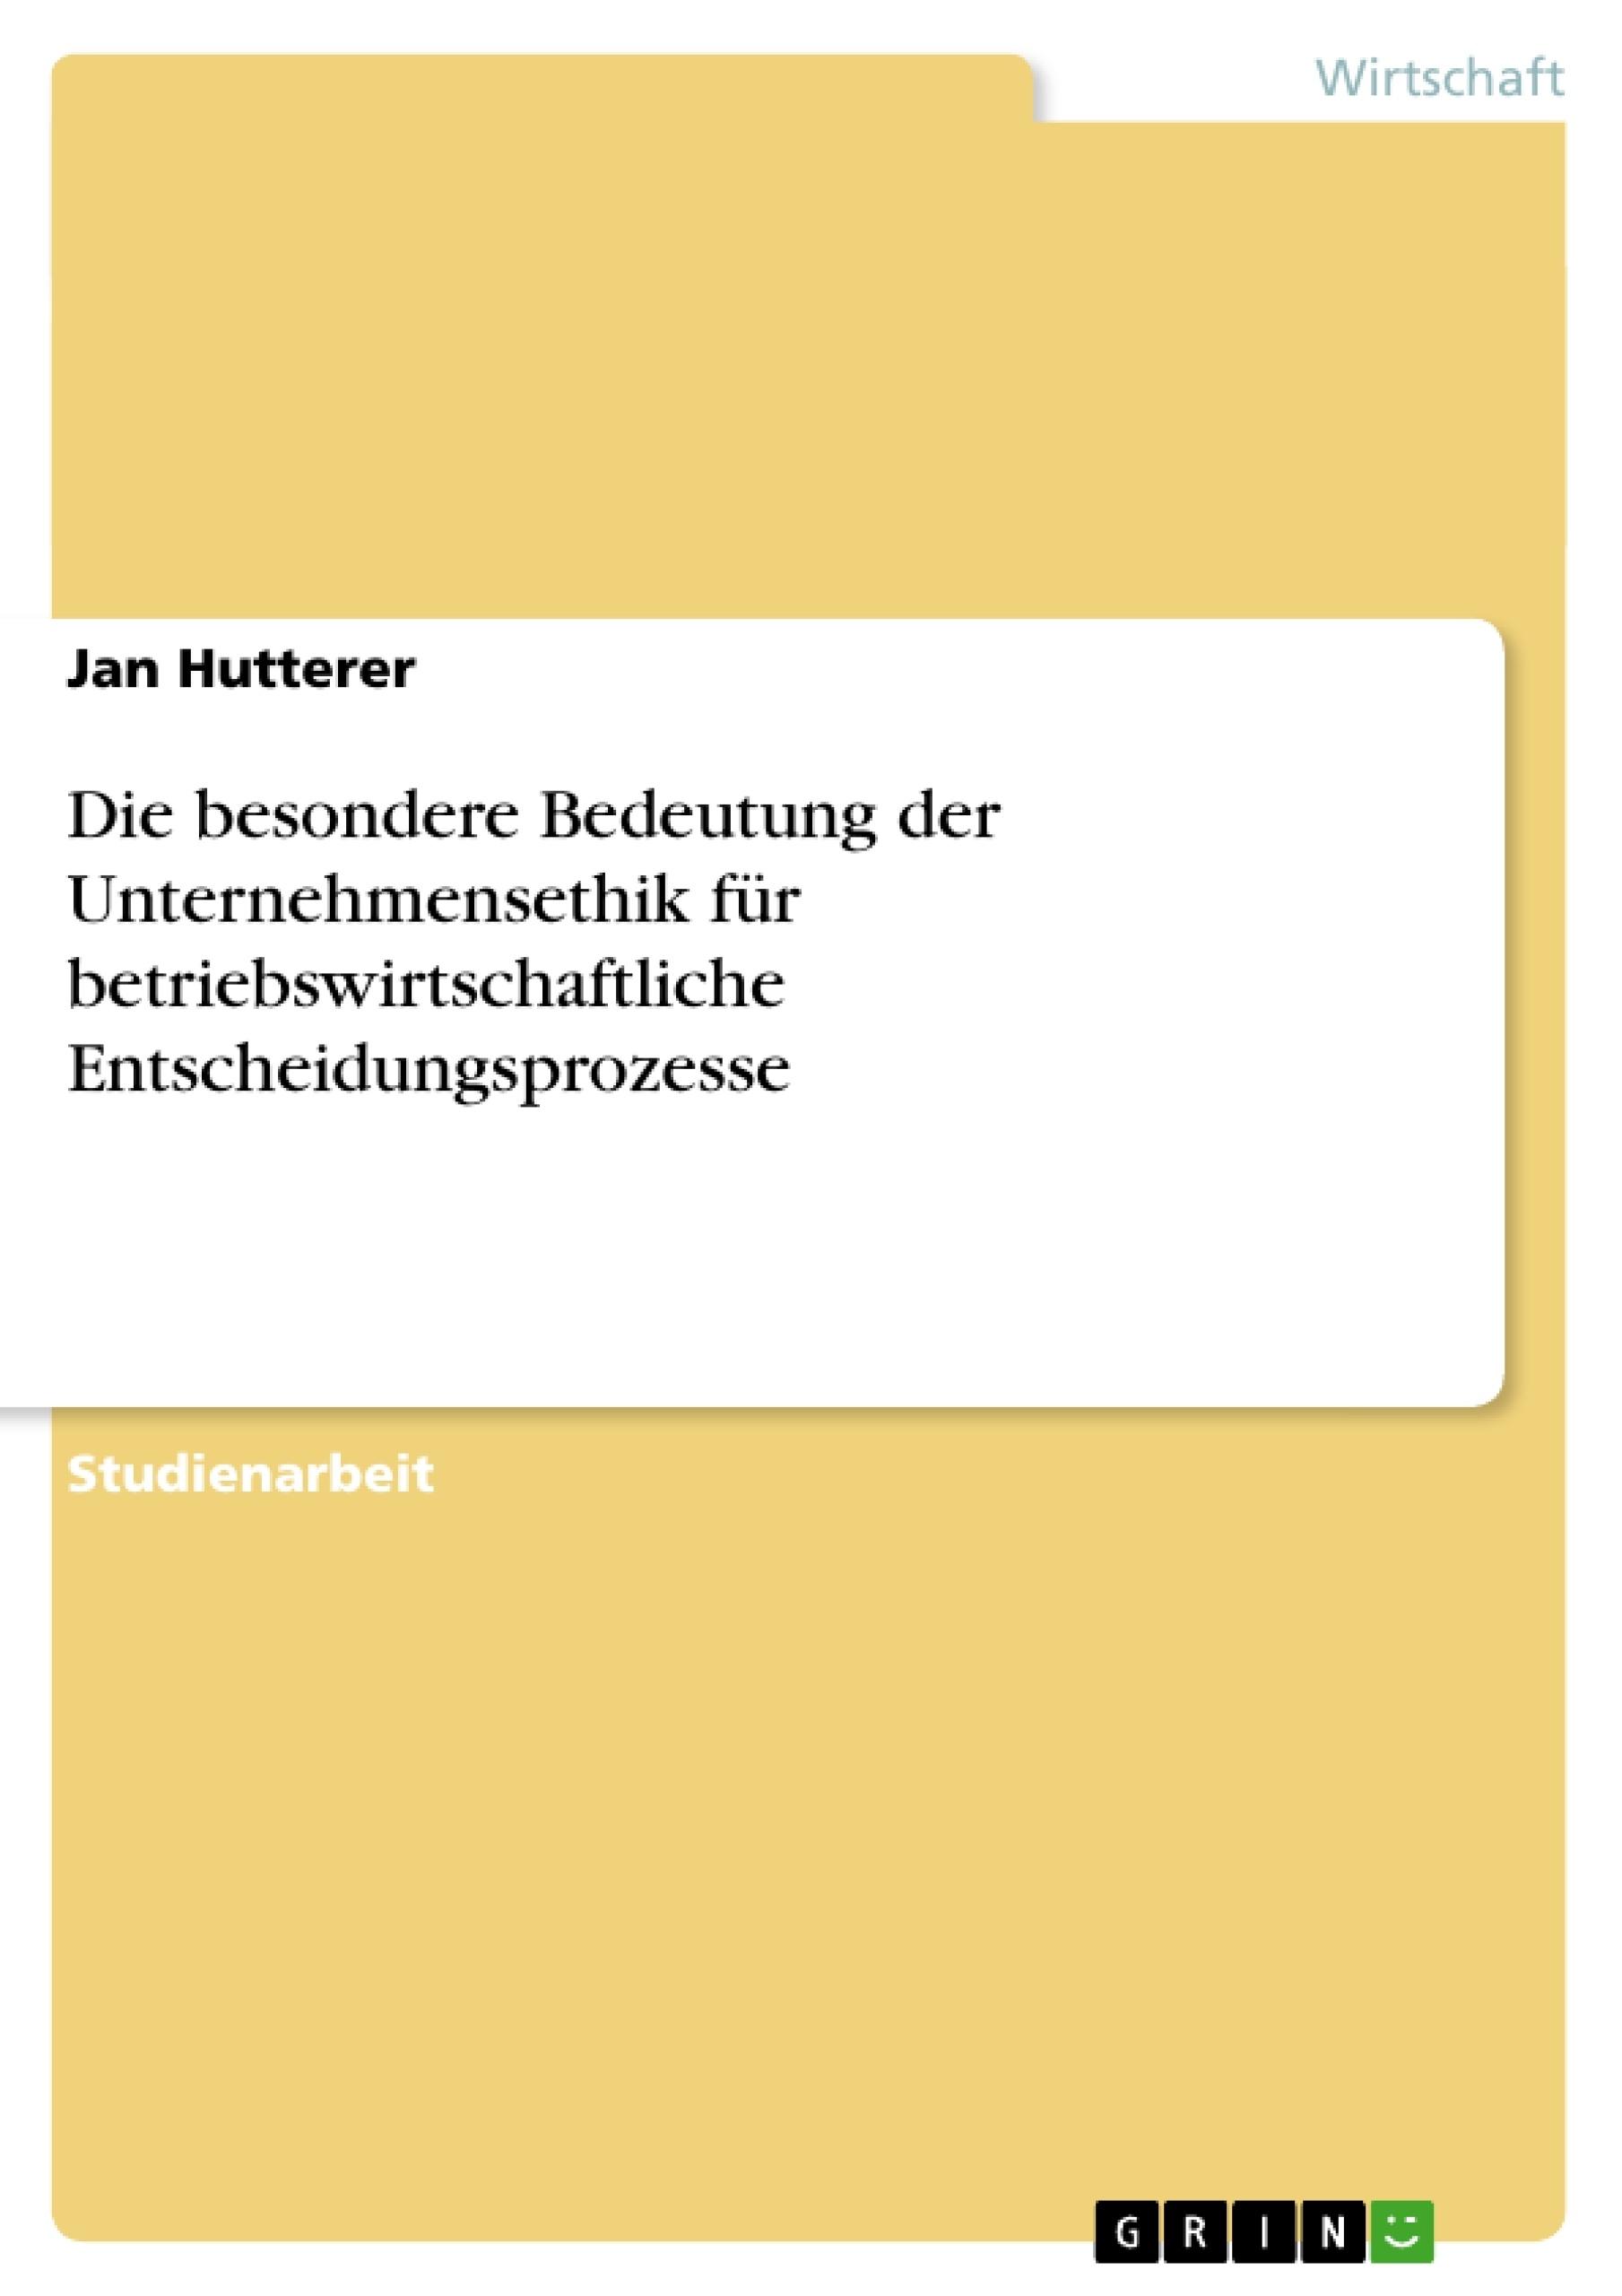 Titel: Die besondere Bedeutung der Unternehmensethik für betriebswirtschaftliche Entscheidungsprozesse